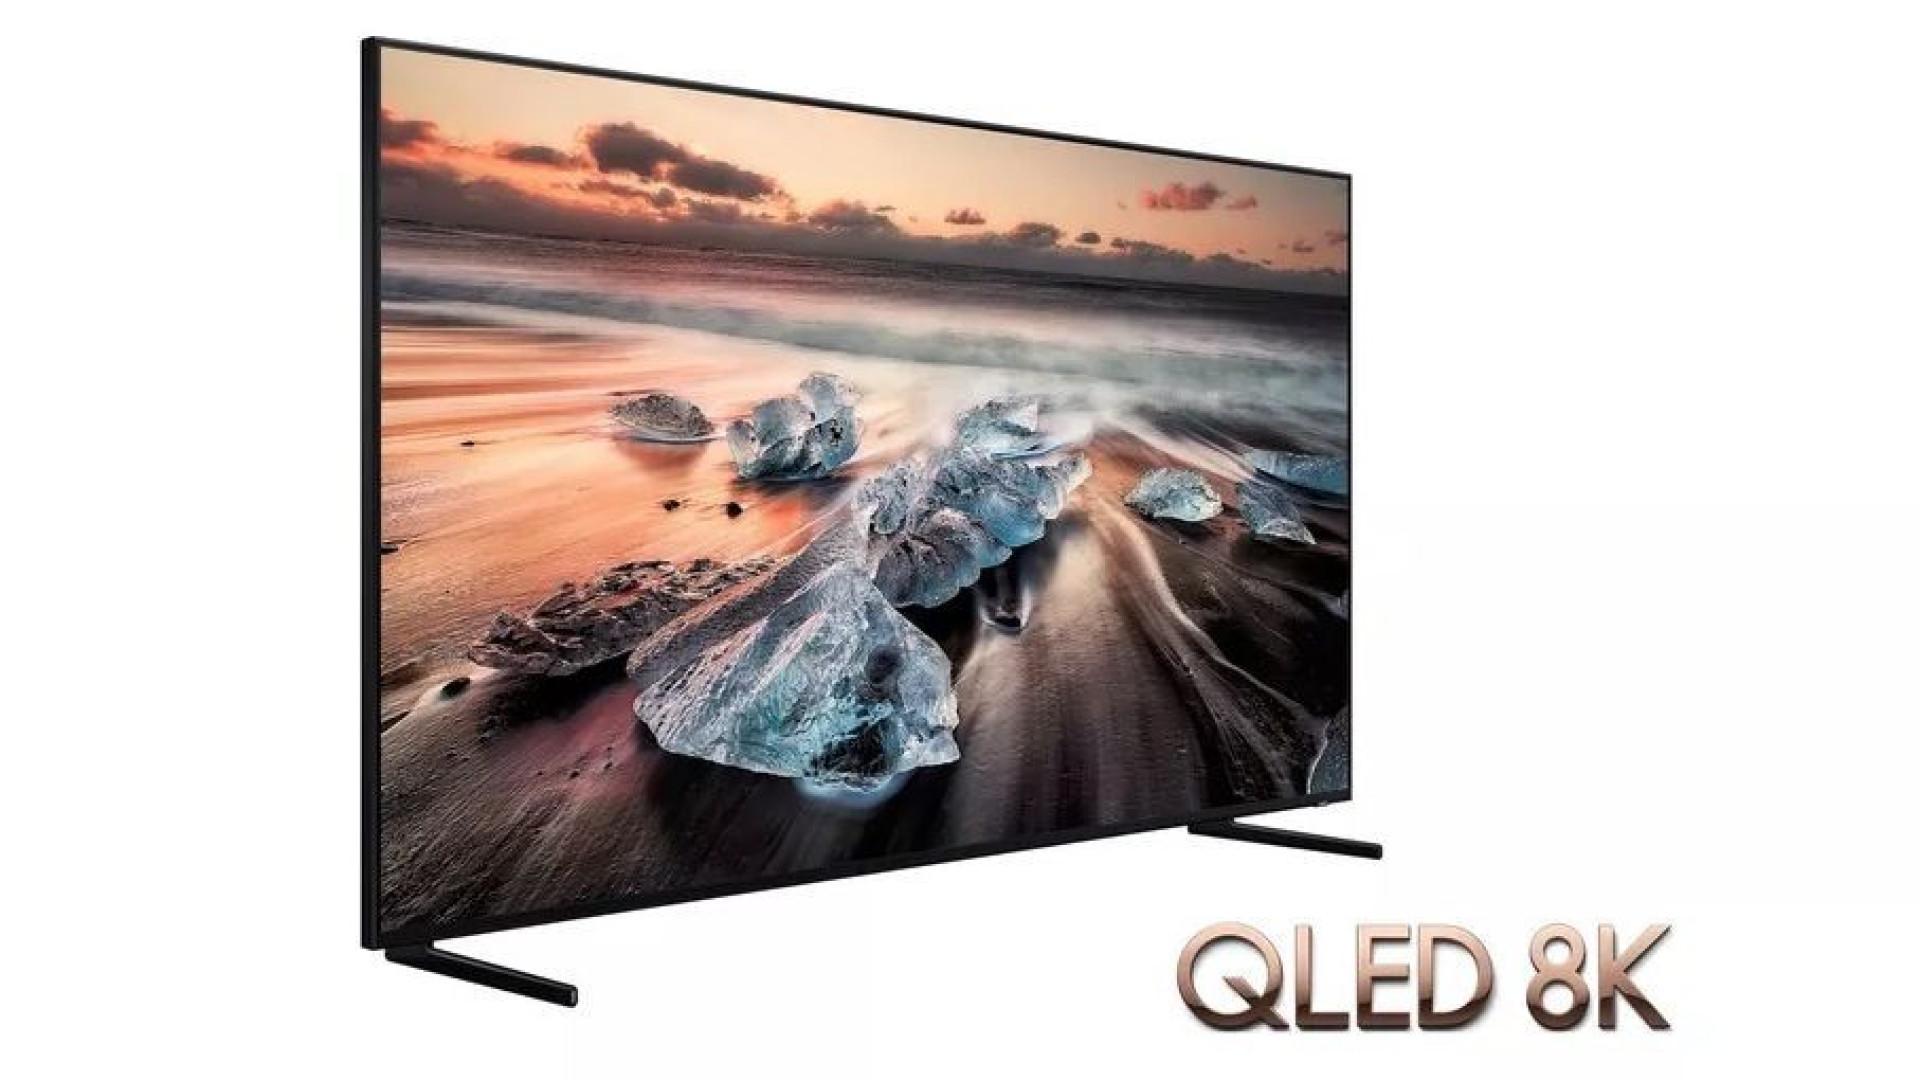 Samsung lançará no mercado uma televisão 8K